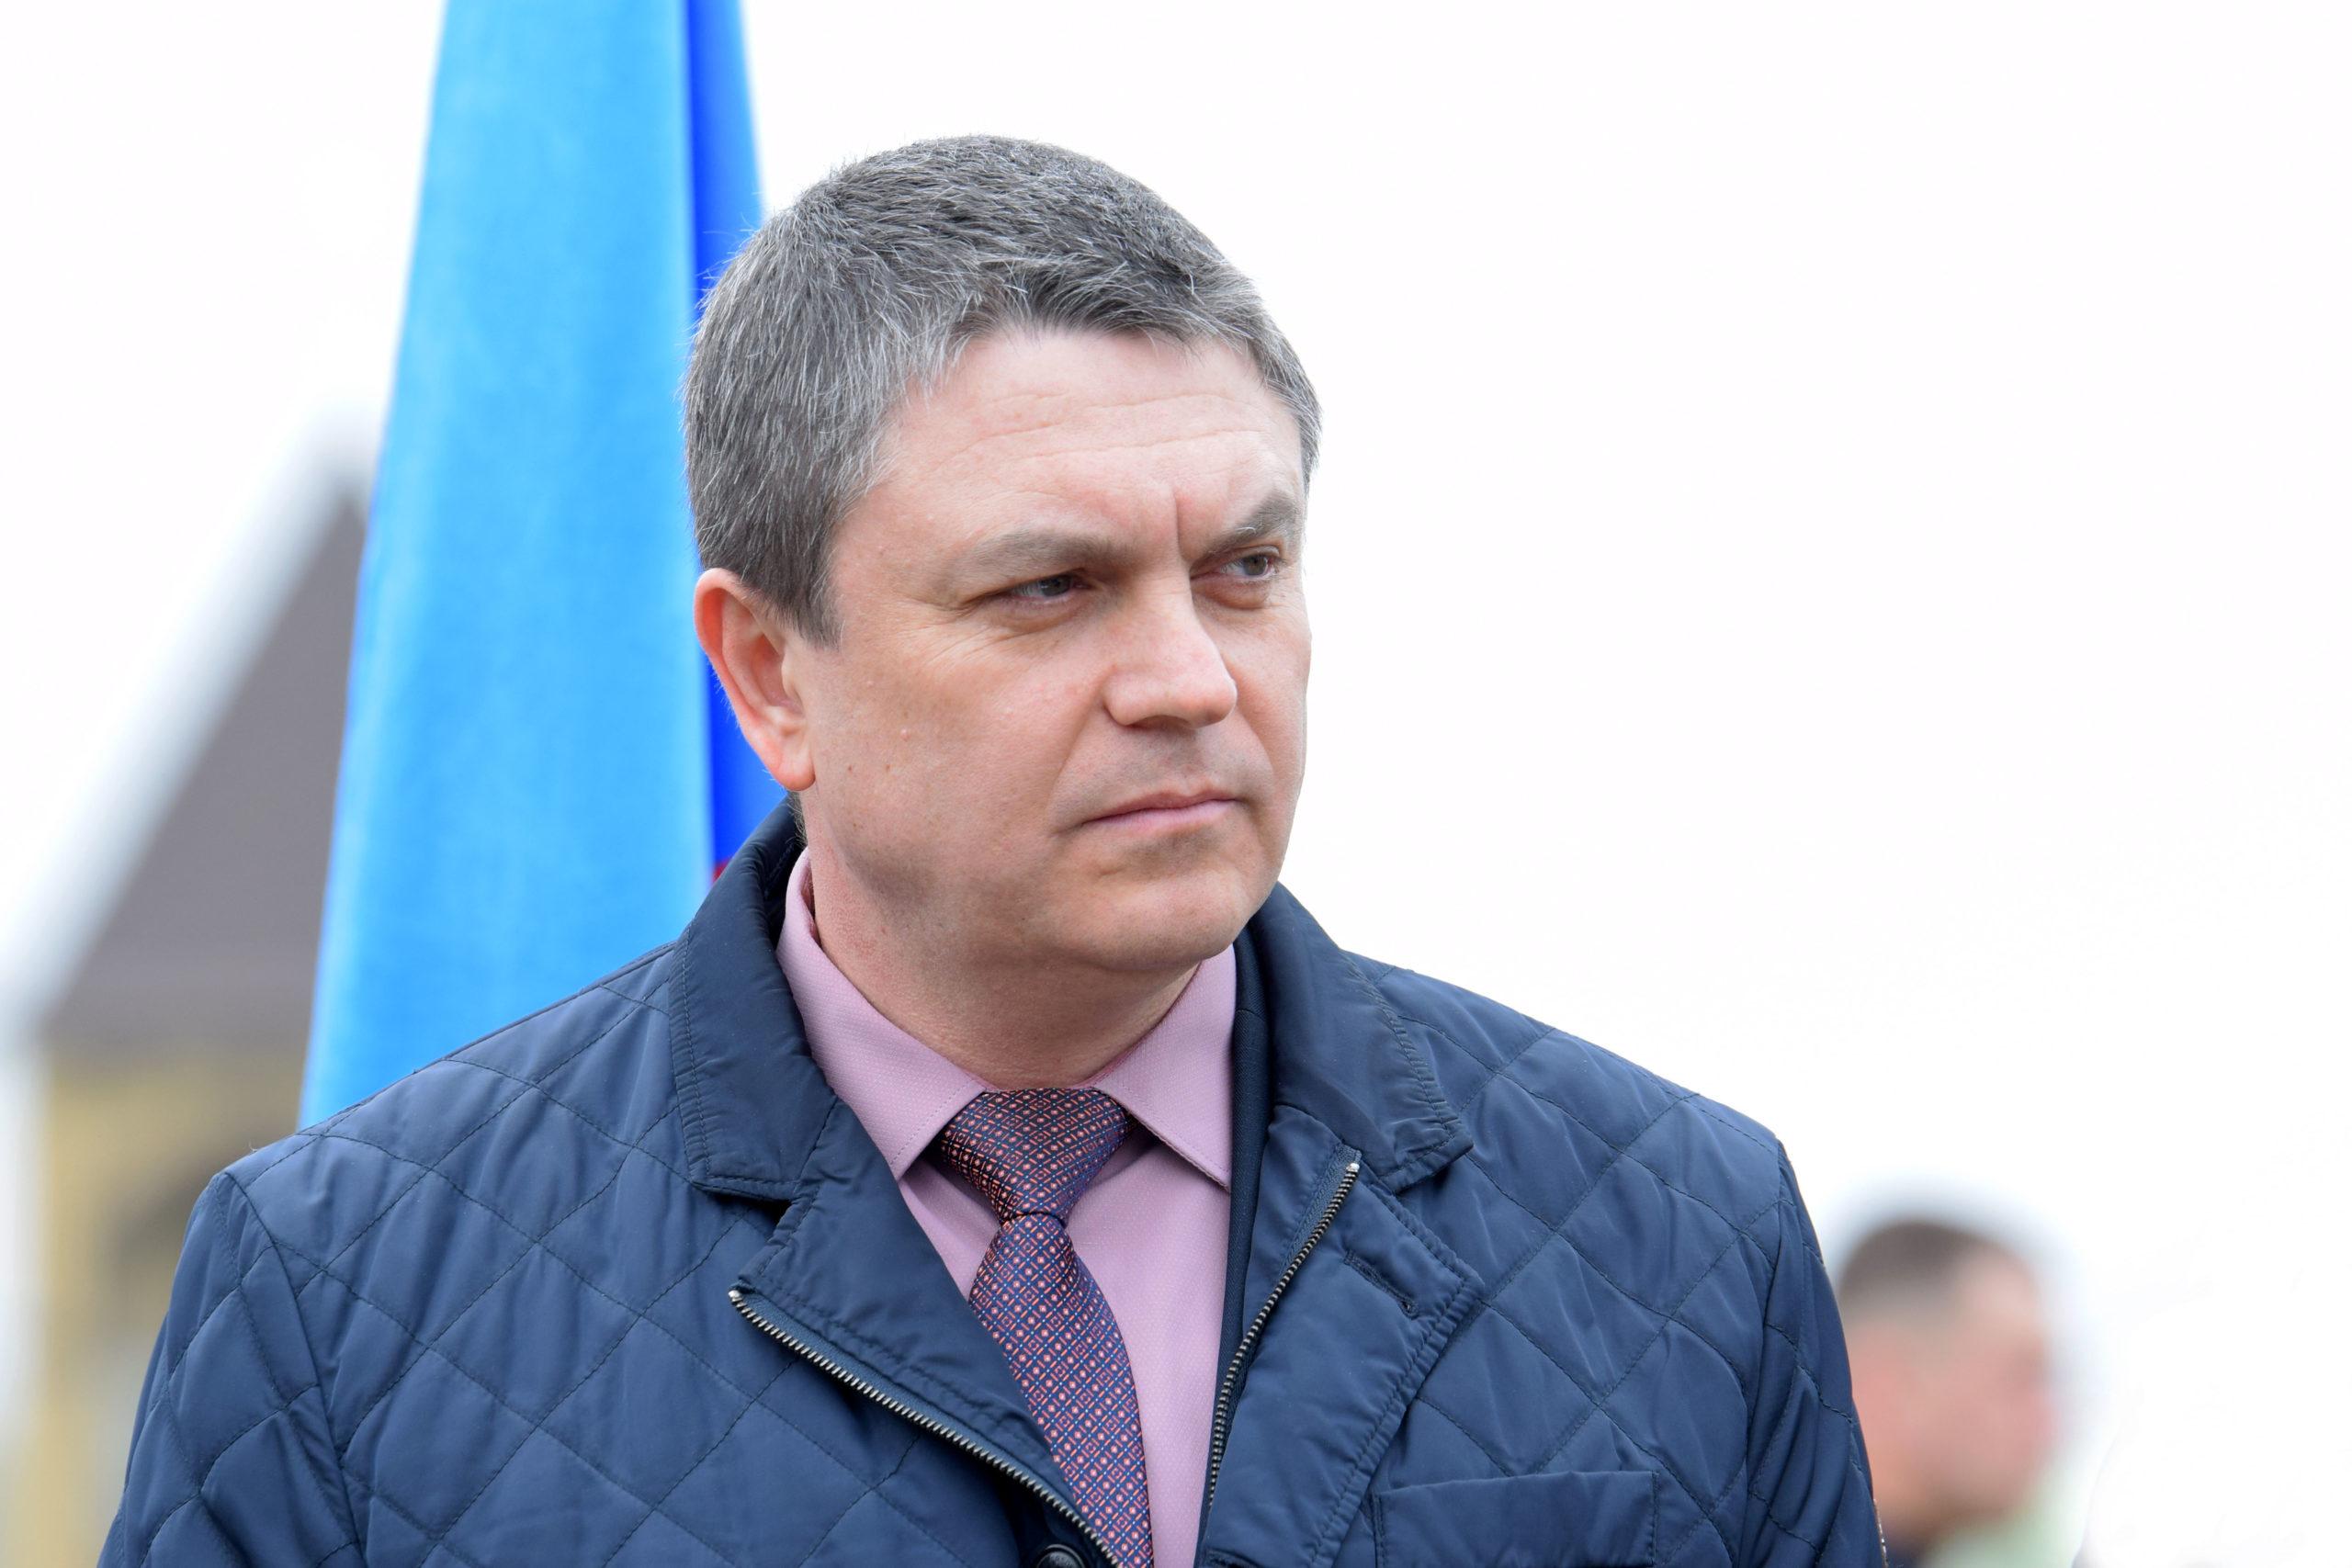 Пасечник: Новых зон разведения сил не будет, пока Киев не завершит отвод с существующих